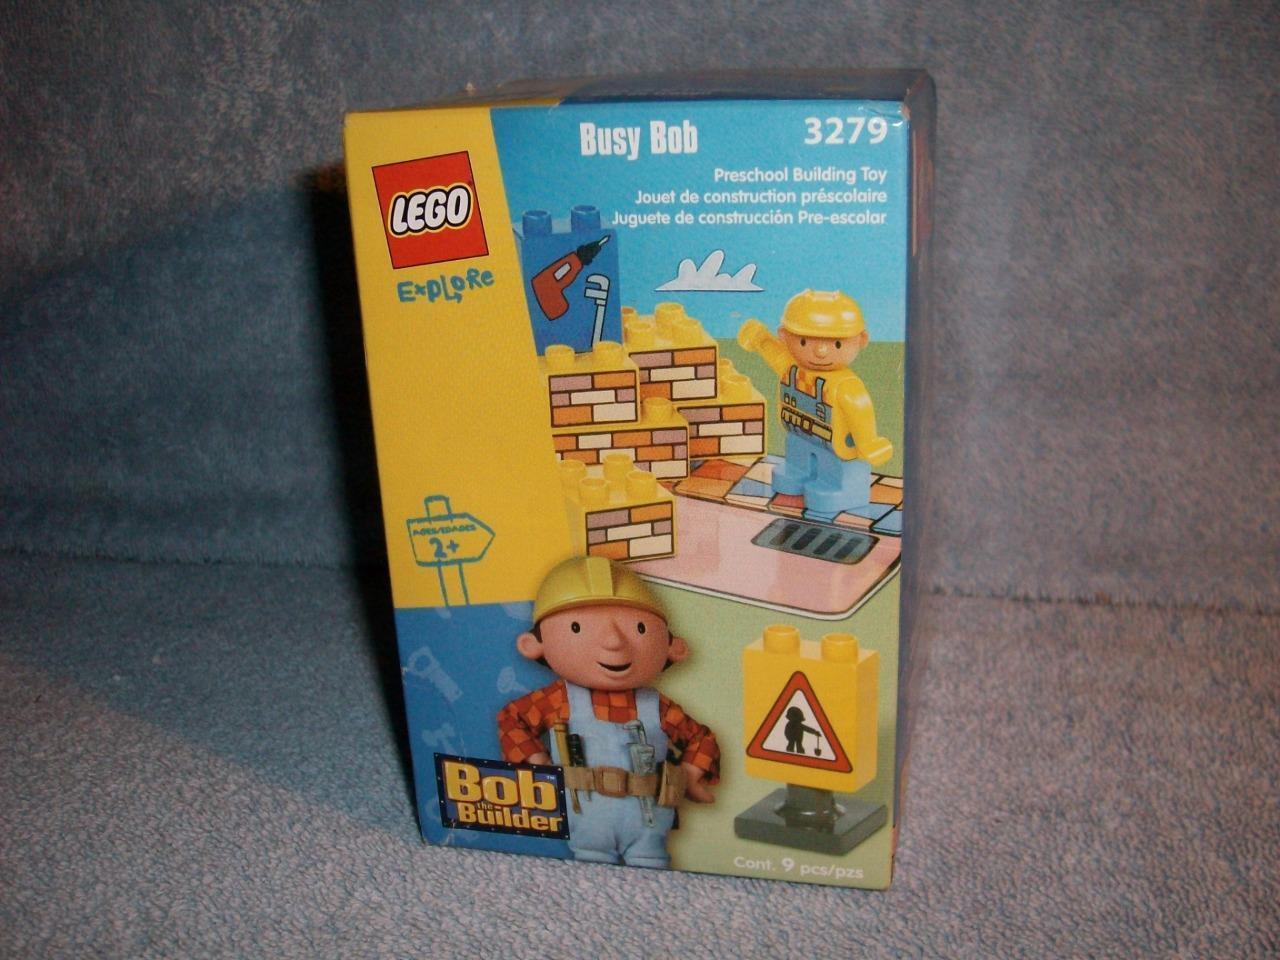 Busy Bob le bricoleur 3279 LEGO Explorer  Duplo Preschool 2002 neuf scellé  vente de sortie